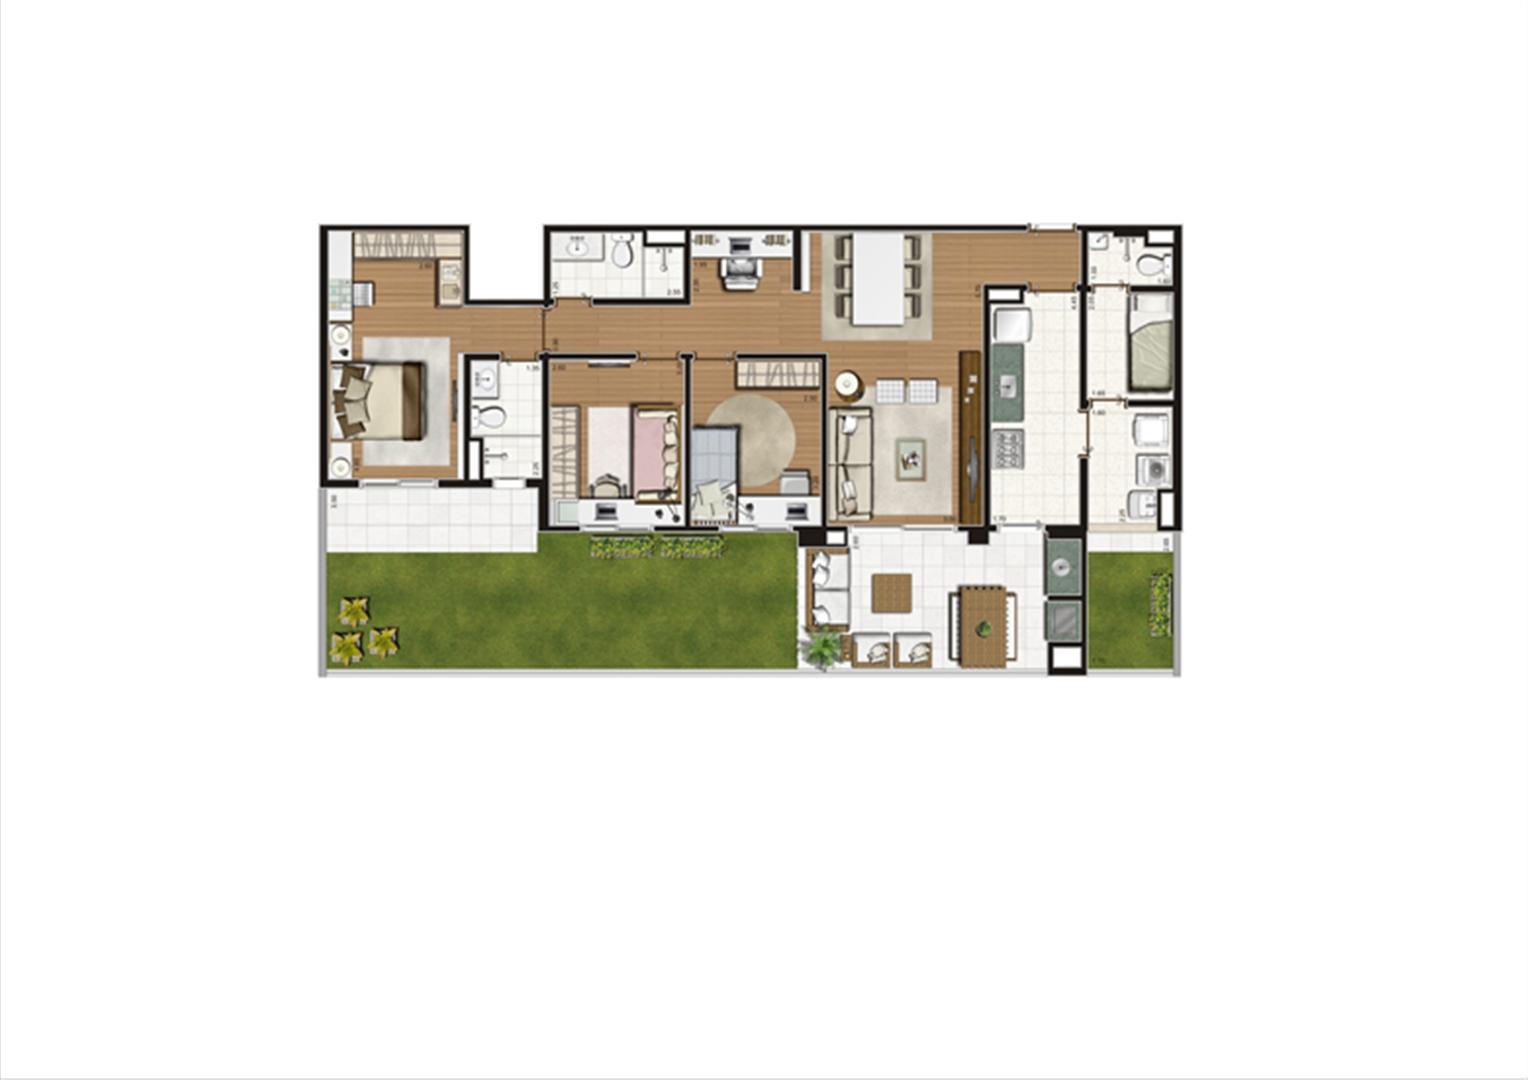 Planta Giardino 140 m² | Luzes da Mooca - Villaggio Luna – Apartamento na  Mooca - São Paulo - São Paulo